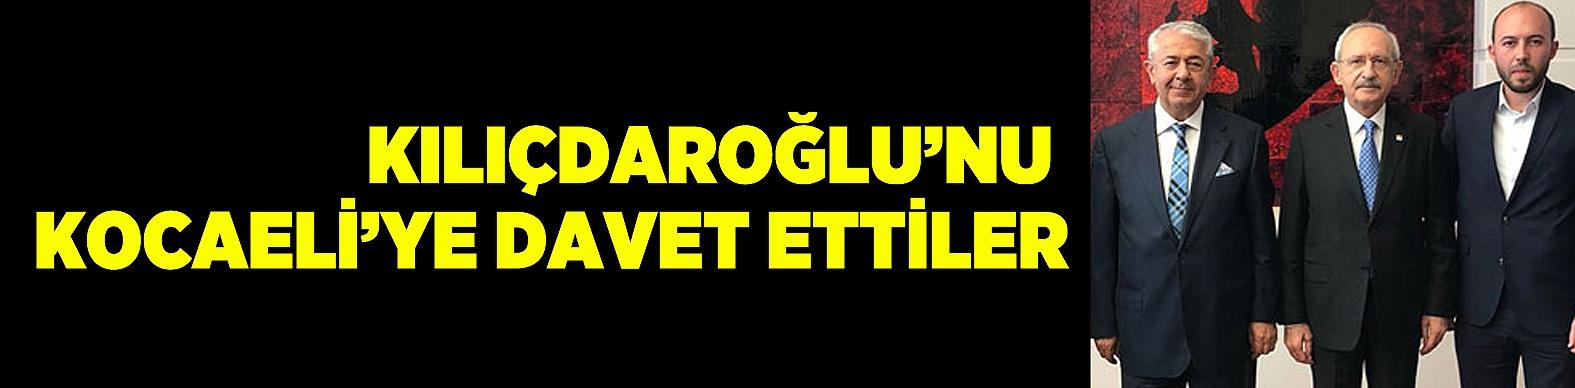 Kılıçdaroğlu'nu Kocaeli'ye davet ettiler